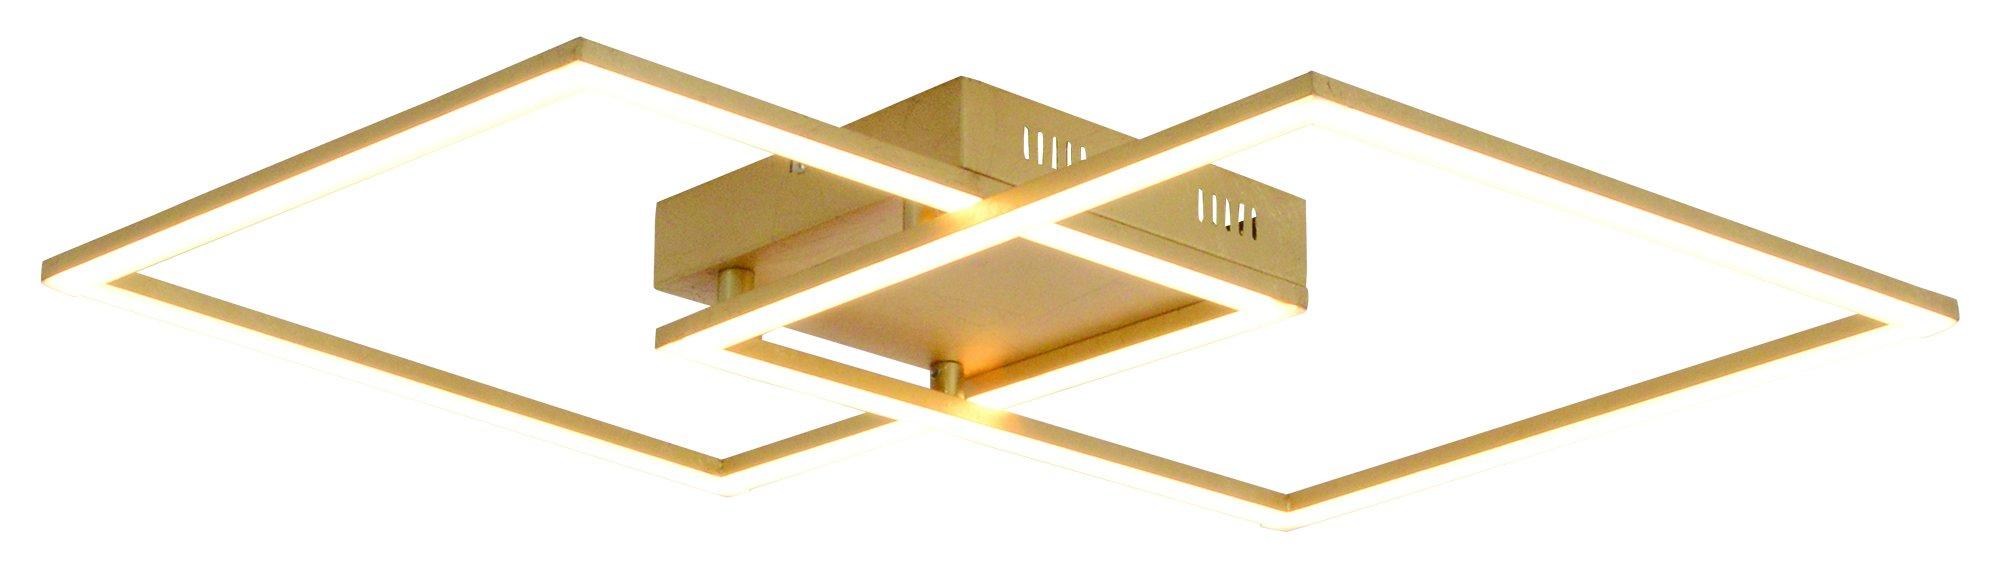 48W LED Plafonnier Moderne Simple Romantique Salon Salle /à Manger Chambre K9 Crystal Clair Plafonnier /Él/égant Miroir en Acier Inoxydable Lampe /Étude /Éclairage de Plafond L75cm*W58cm Lumi/ère Chaude